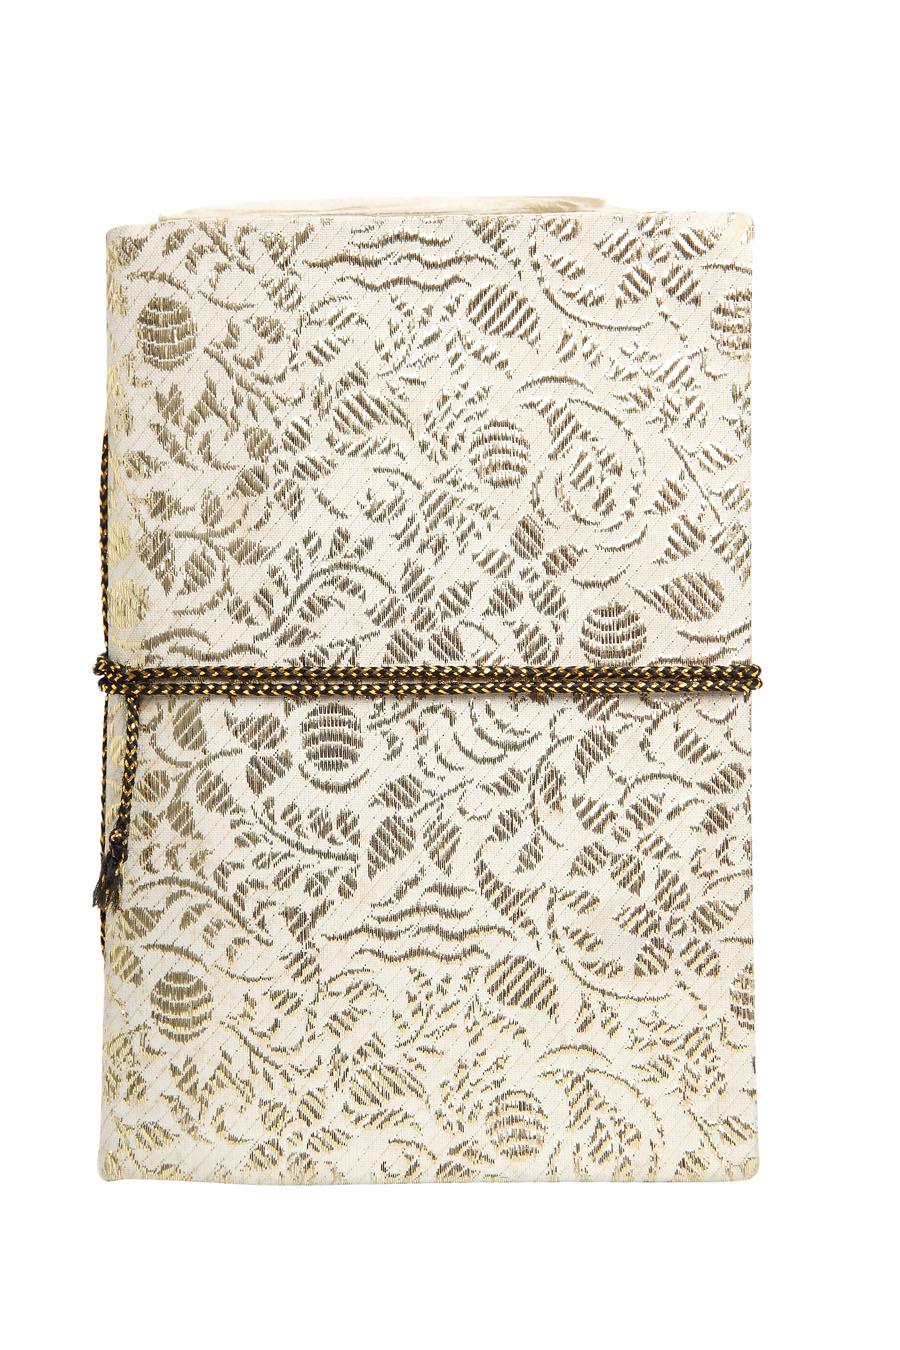 Caderno - Tenho sempre vários, escrevo muito.